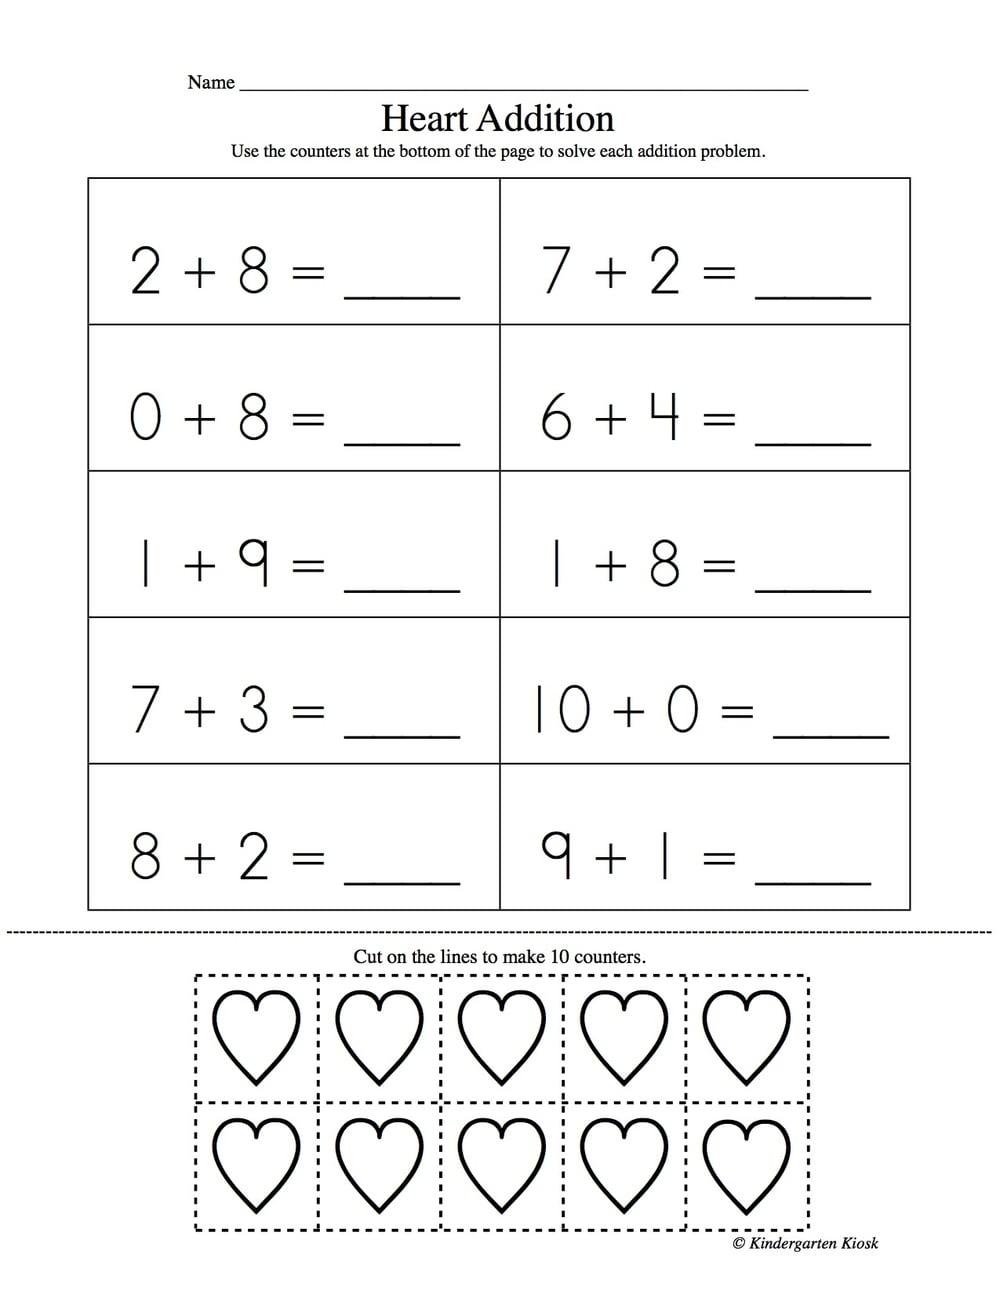 math worksheet : addition worksheets for kindergarten  kindergarten kiosk : Picture Addition Worksheets For Kindergarten